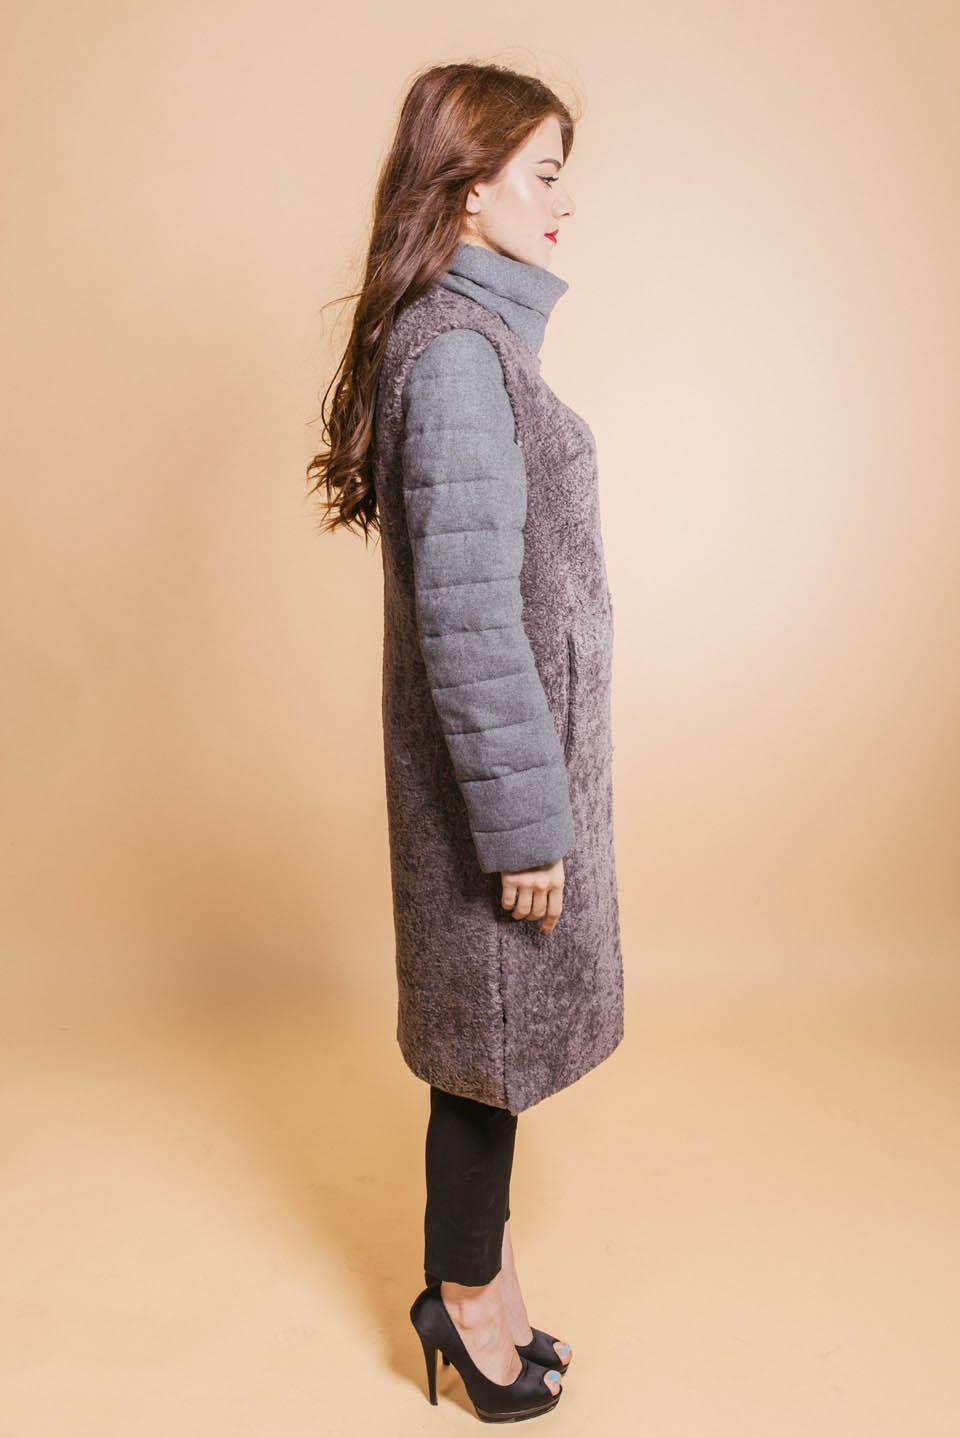 женское пальто из шерсти, пальто-трансформер, женская жилетка, распродажа, купить пальто